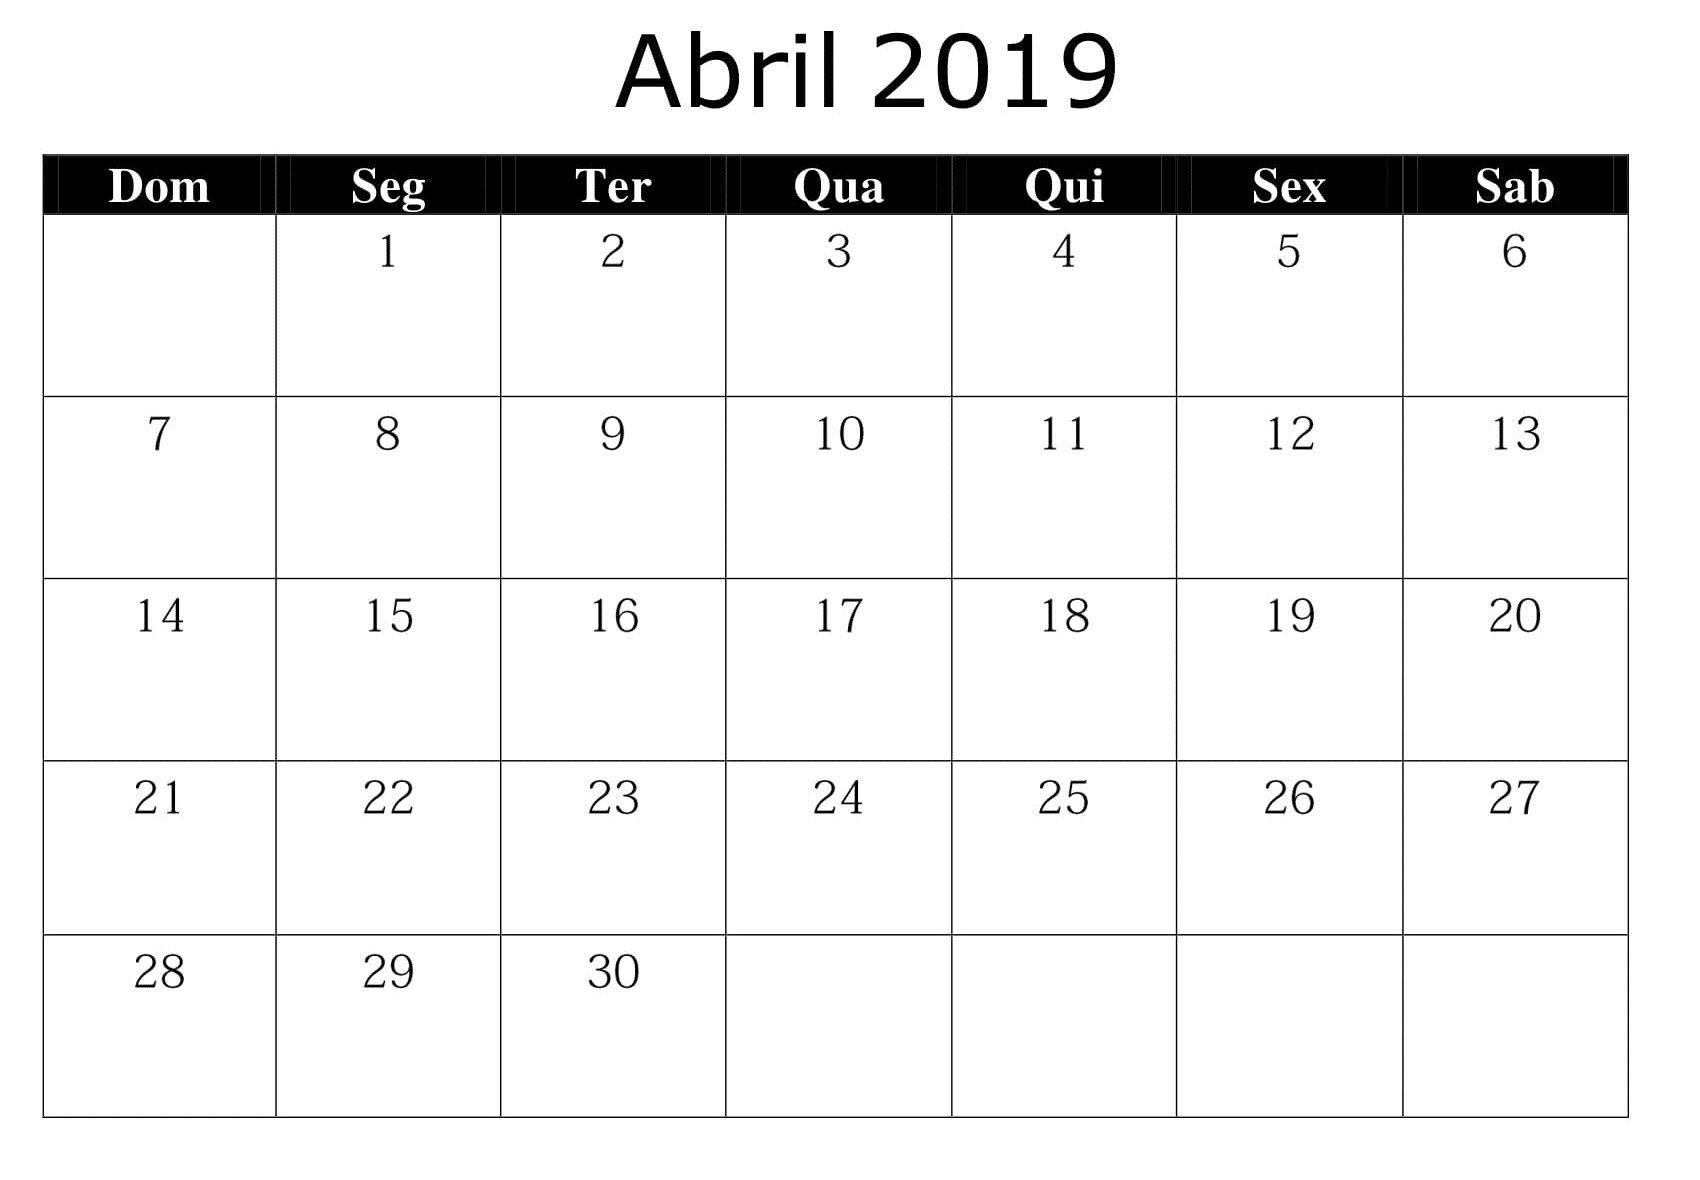 Calendario Enero 2019 Para Imprimir A4 Recientes Calendário Abril 2019 Imprimir Of Calendario Enero 2019 Para Imprimir A4 Actual Calendario Diciembre De 2019 53ld Calendario T